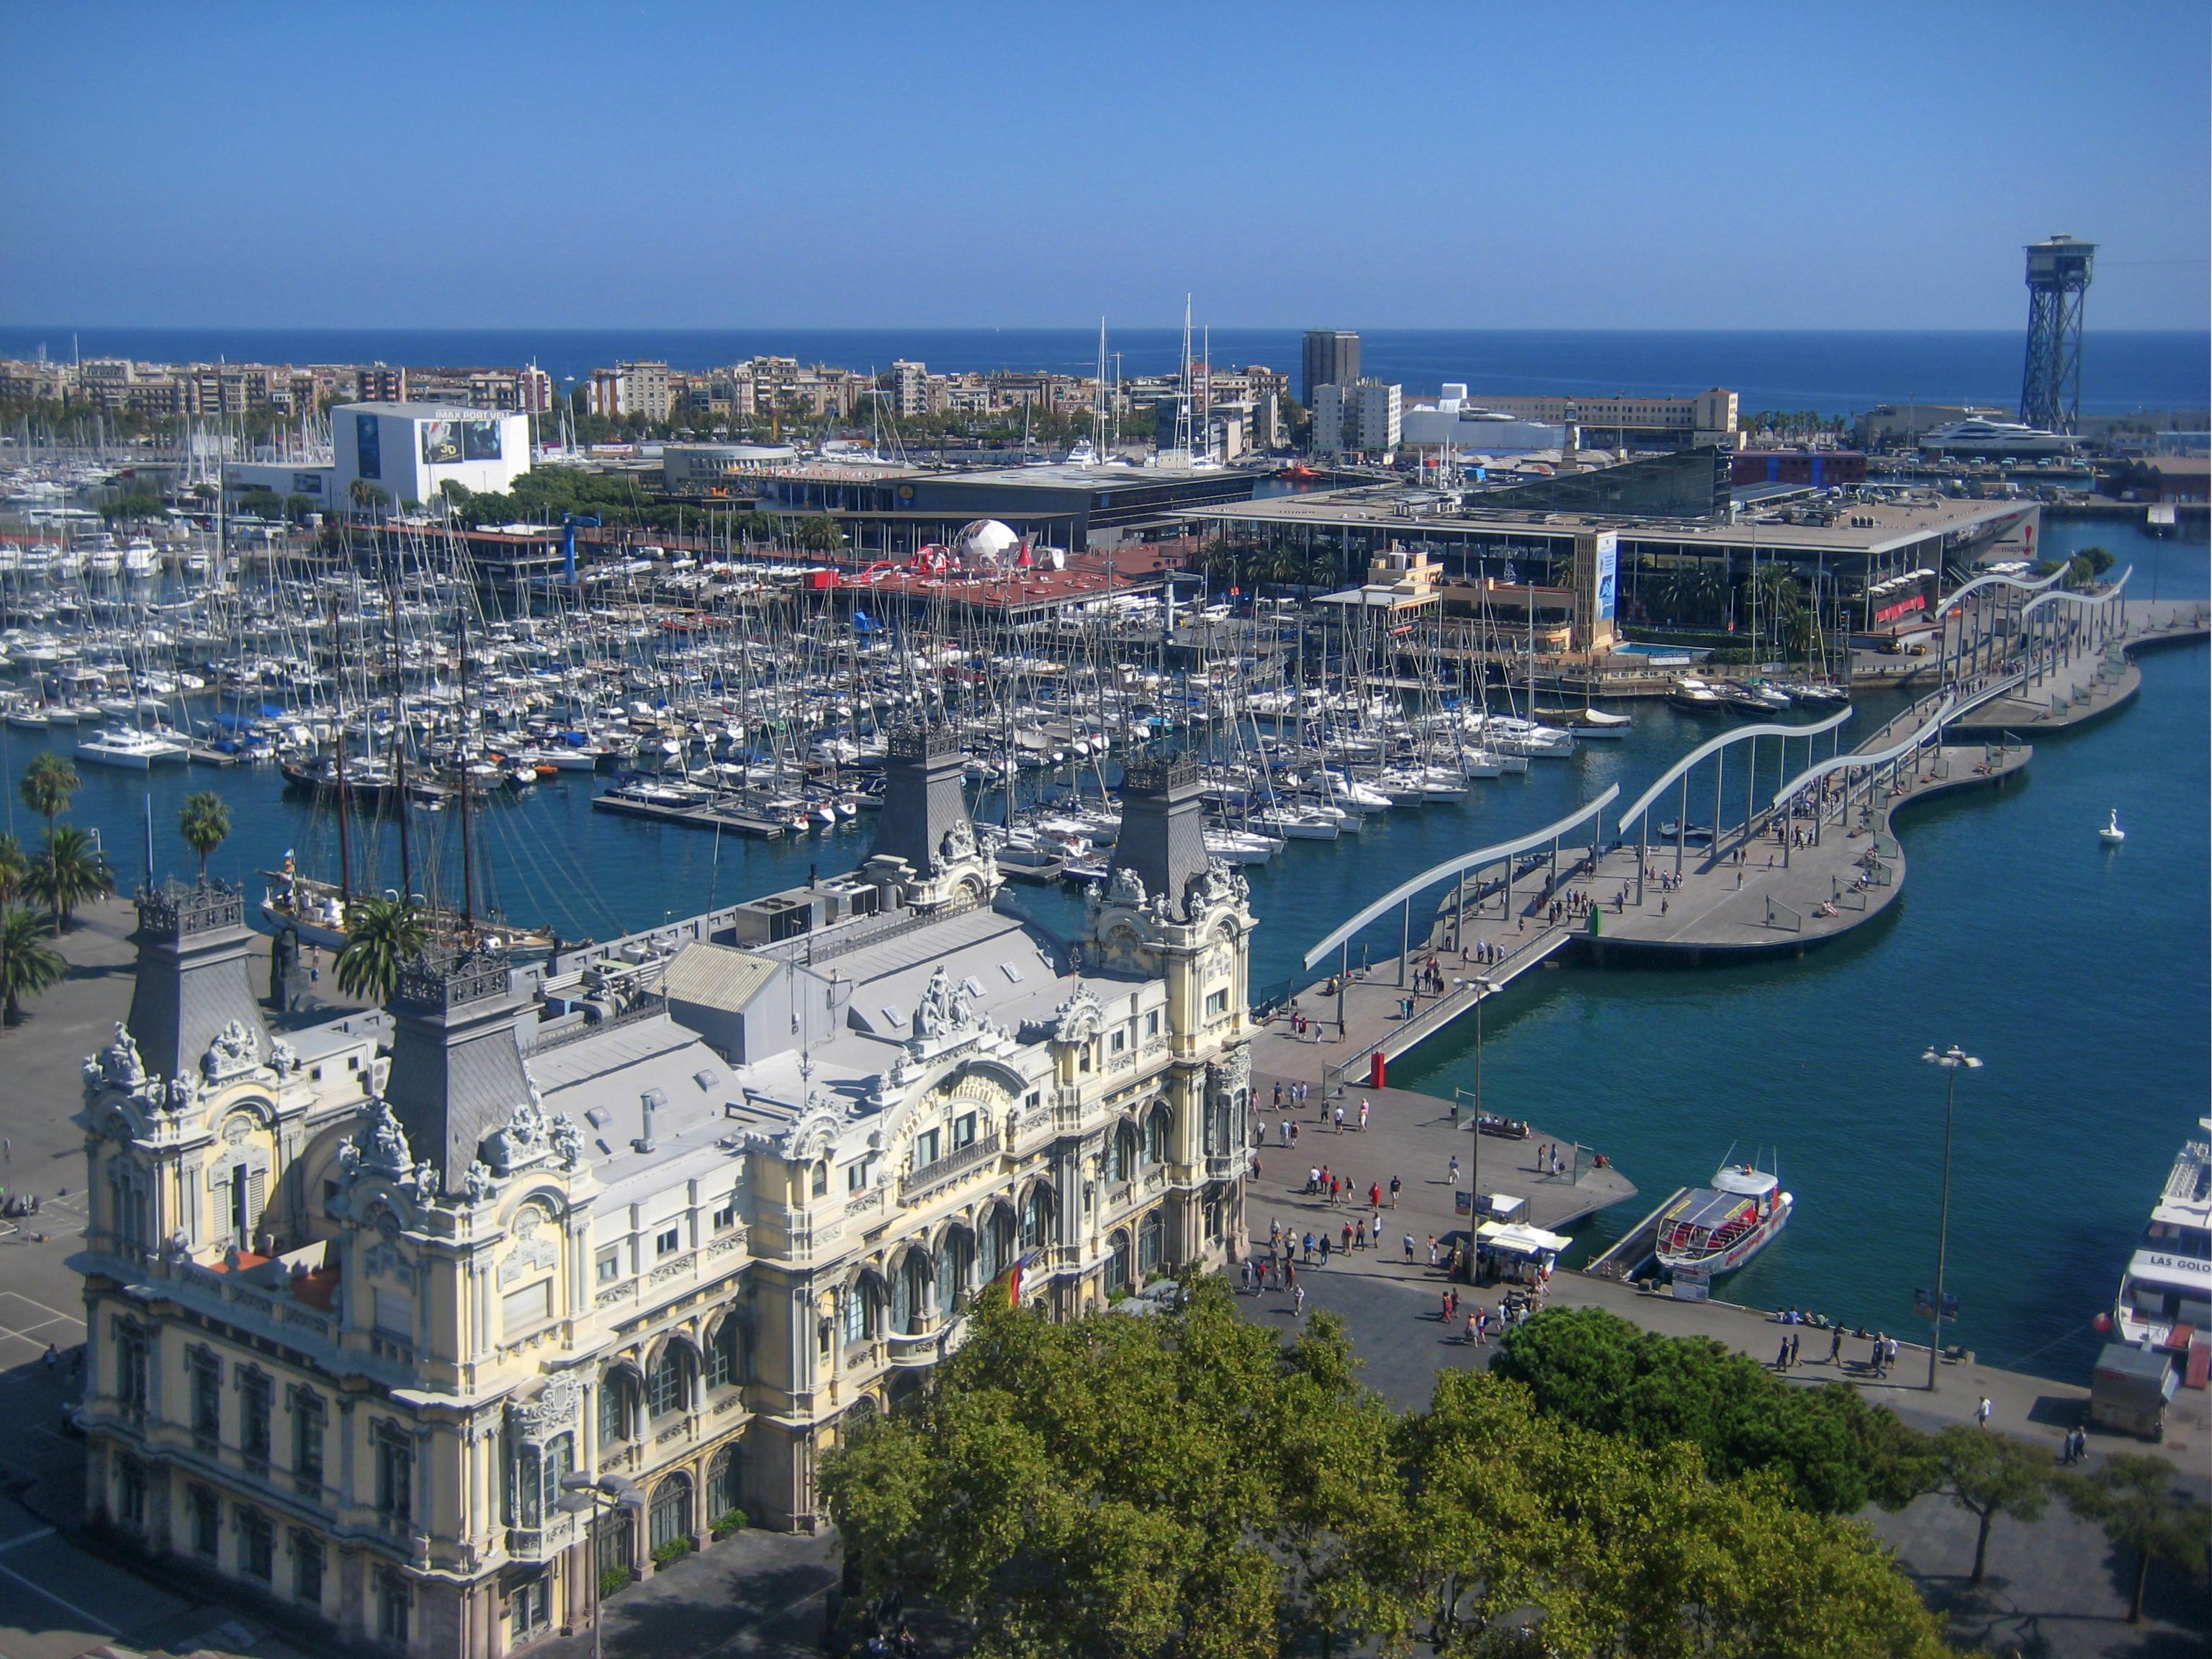 Depiction of Puerto de Barcelona